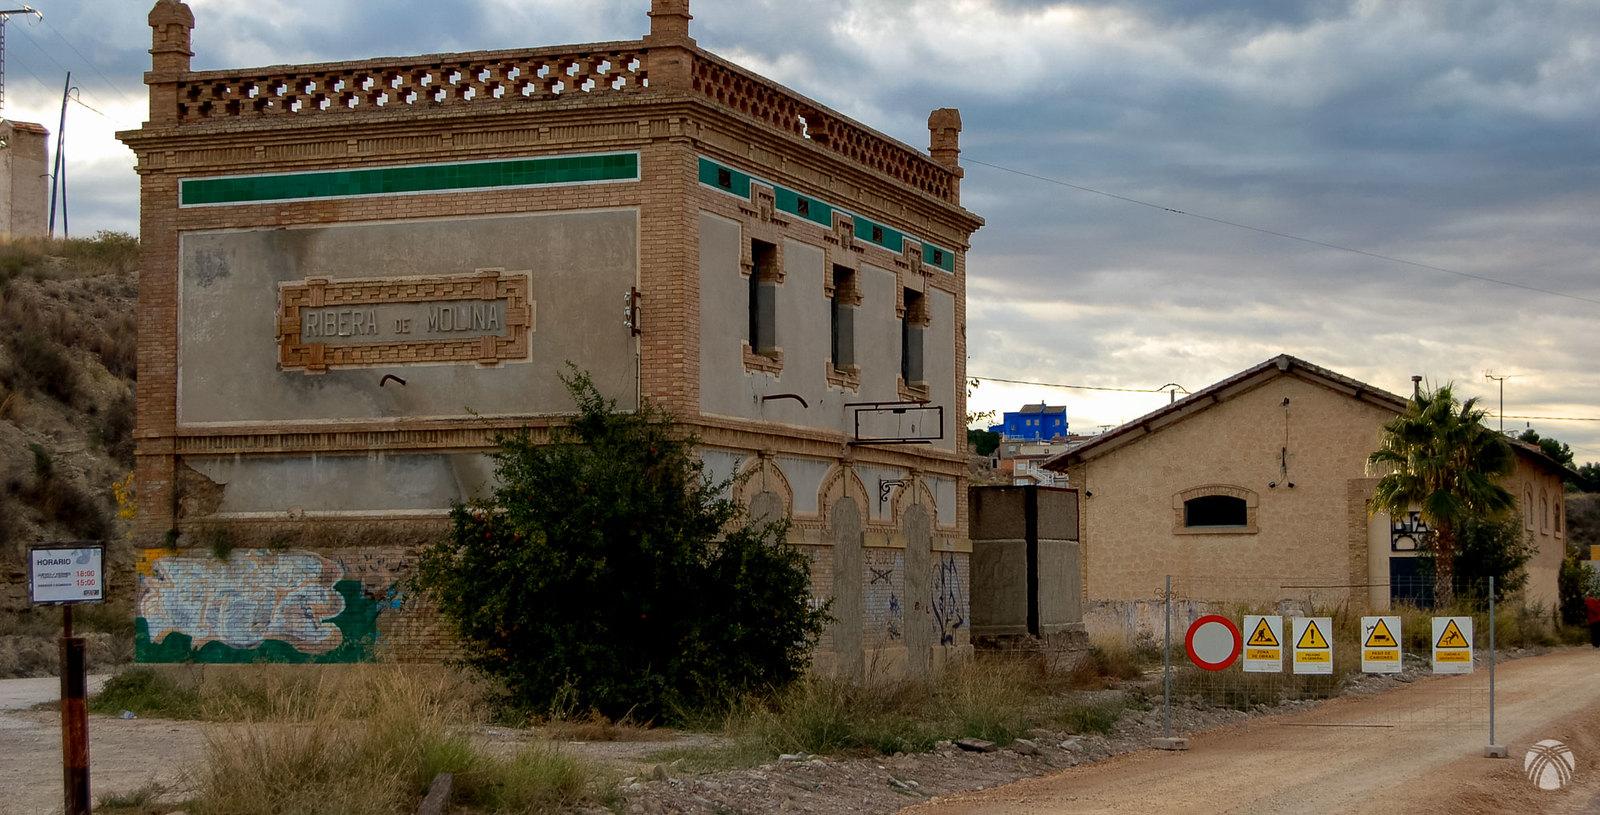 Estación de la Ribera de Molina cuando estaban acondicionando la vía verde